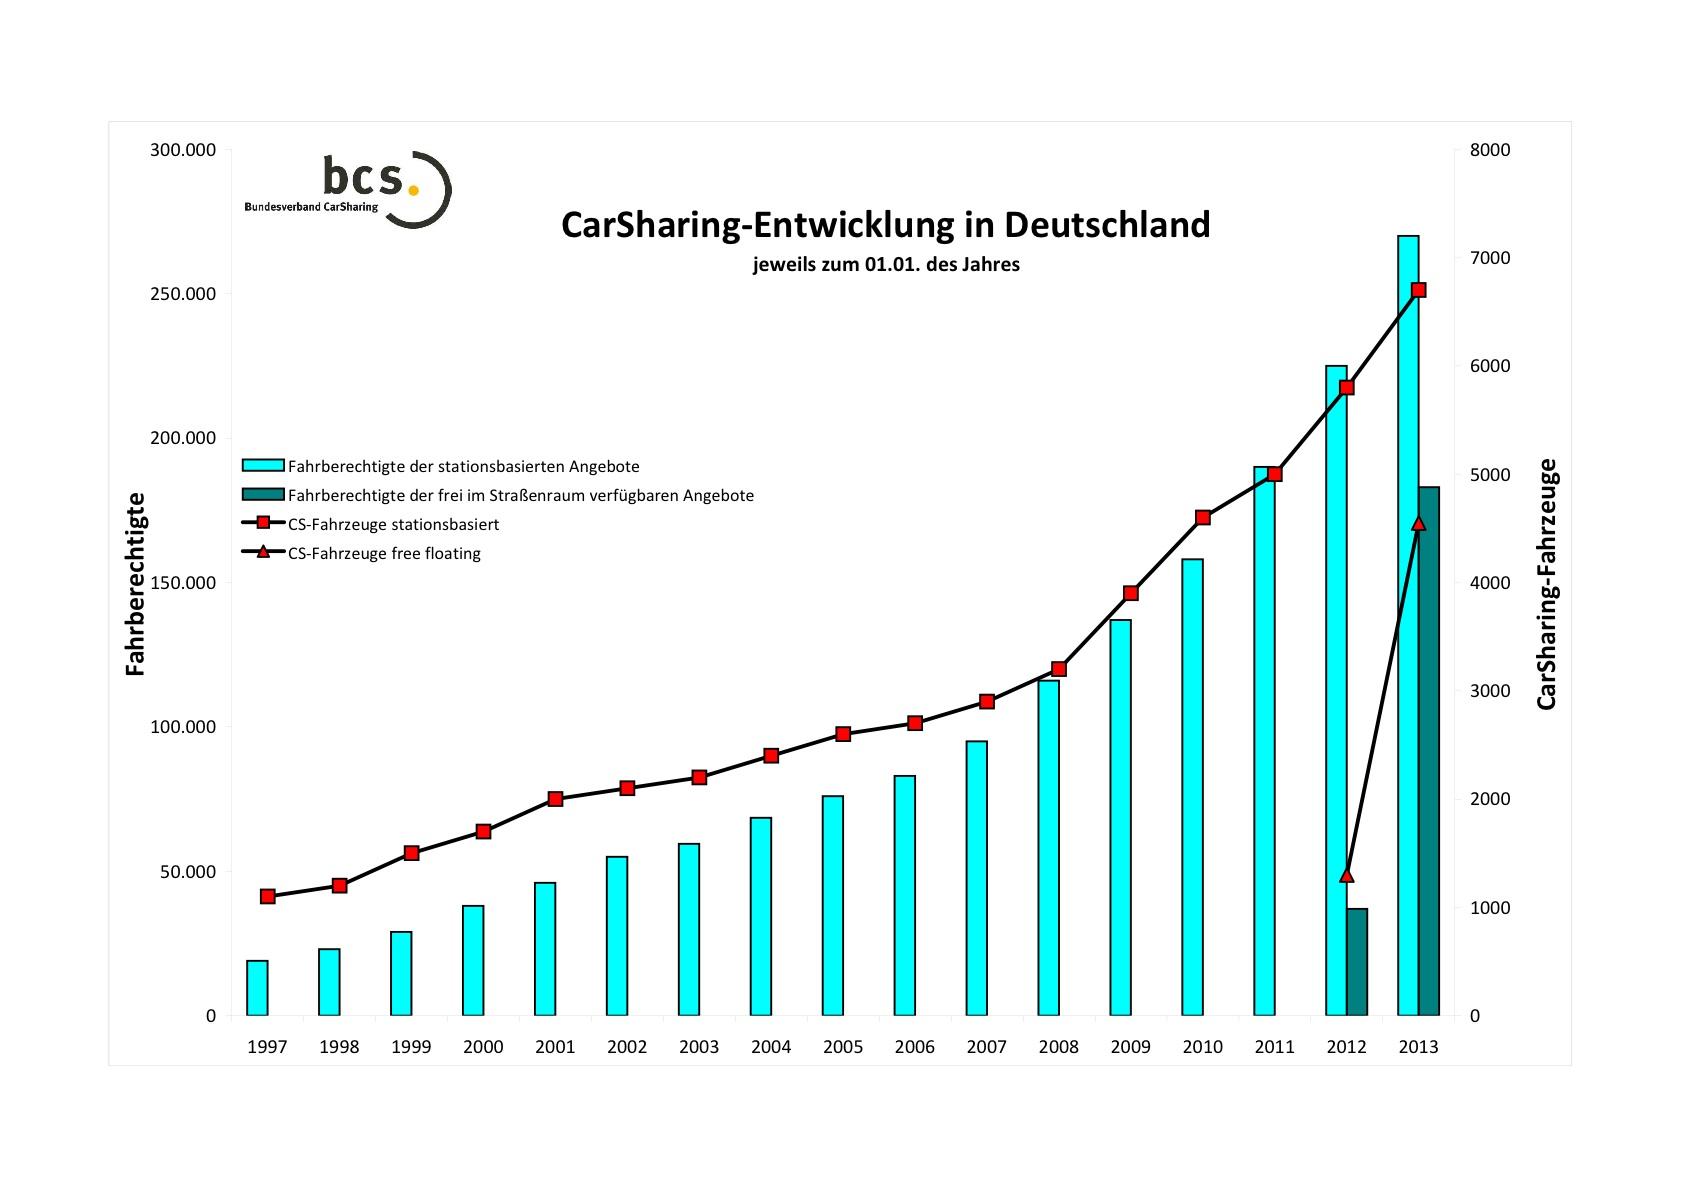 carina ev carsharing verzeichnet enormen wachstum in deutschland. Black Bedroom Furniture Sets. Home Design Ideas